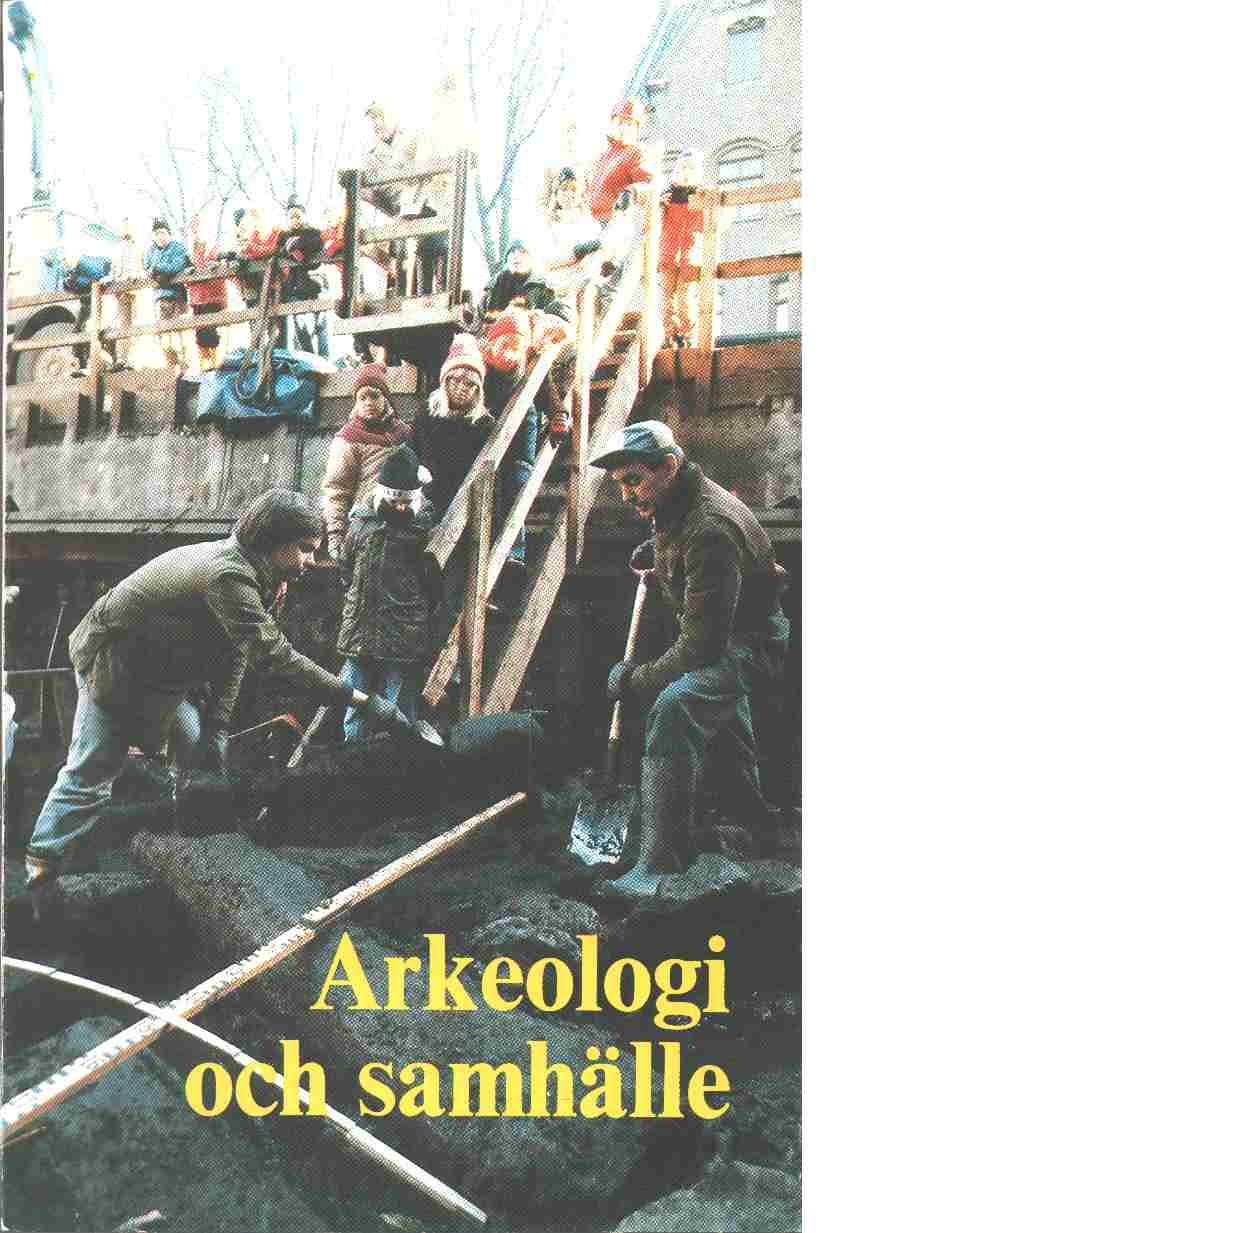 Arkeologi och samhälle - Red. Skånes hembygdsförbund